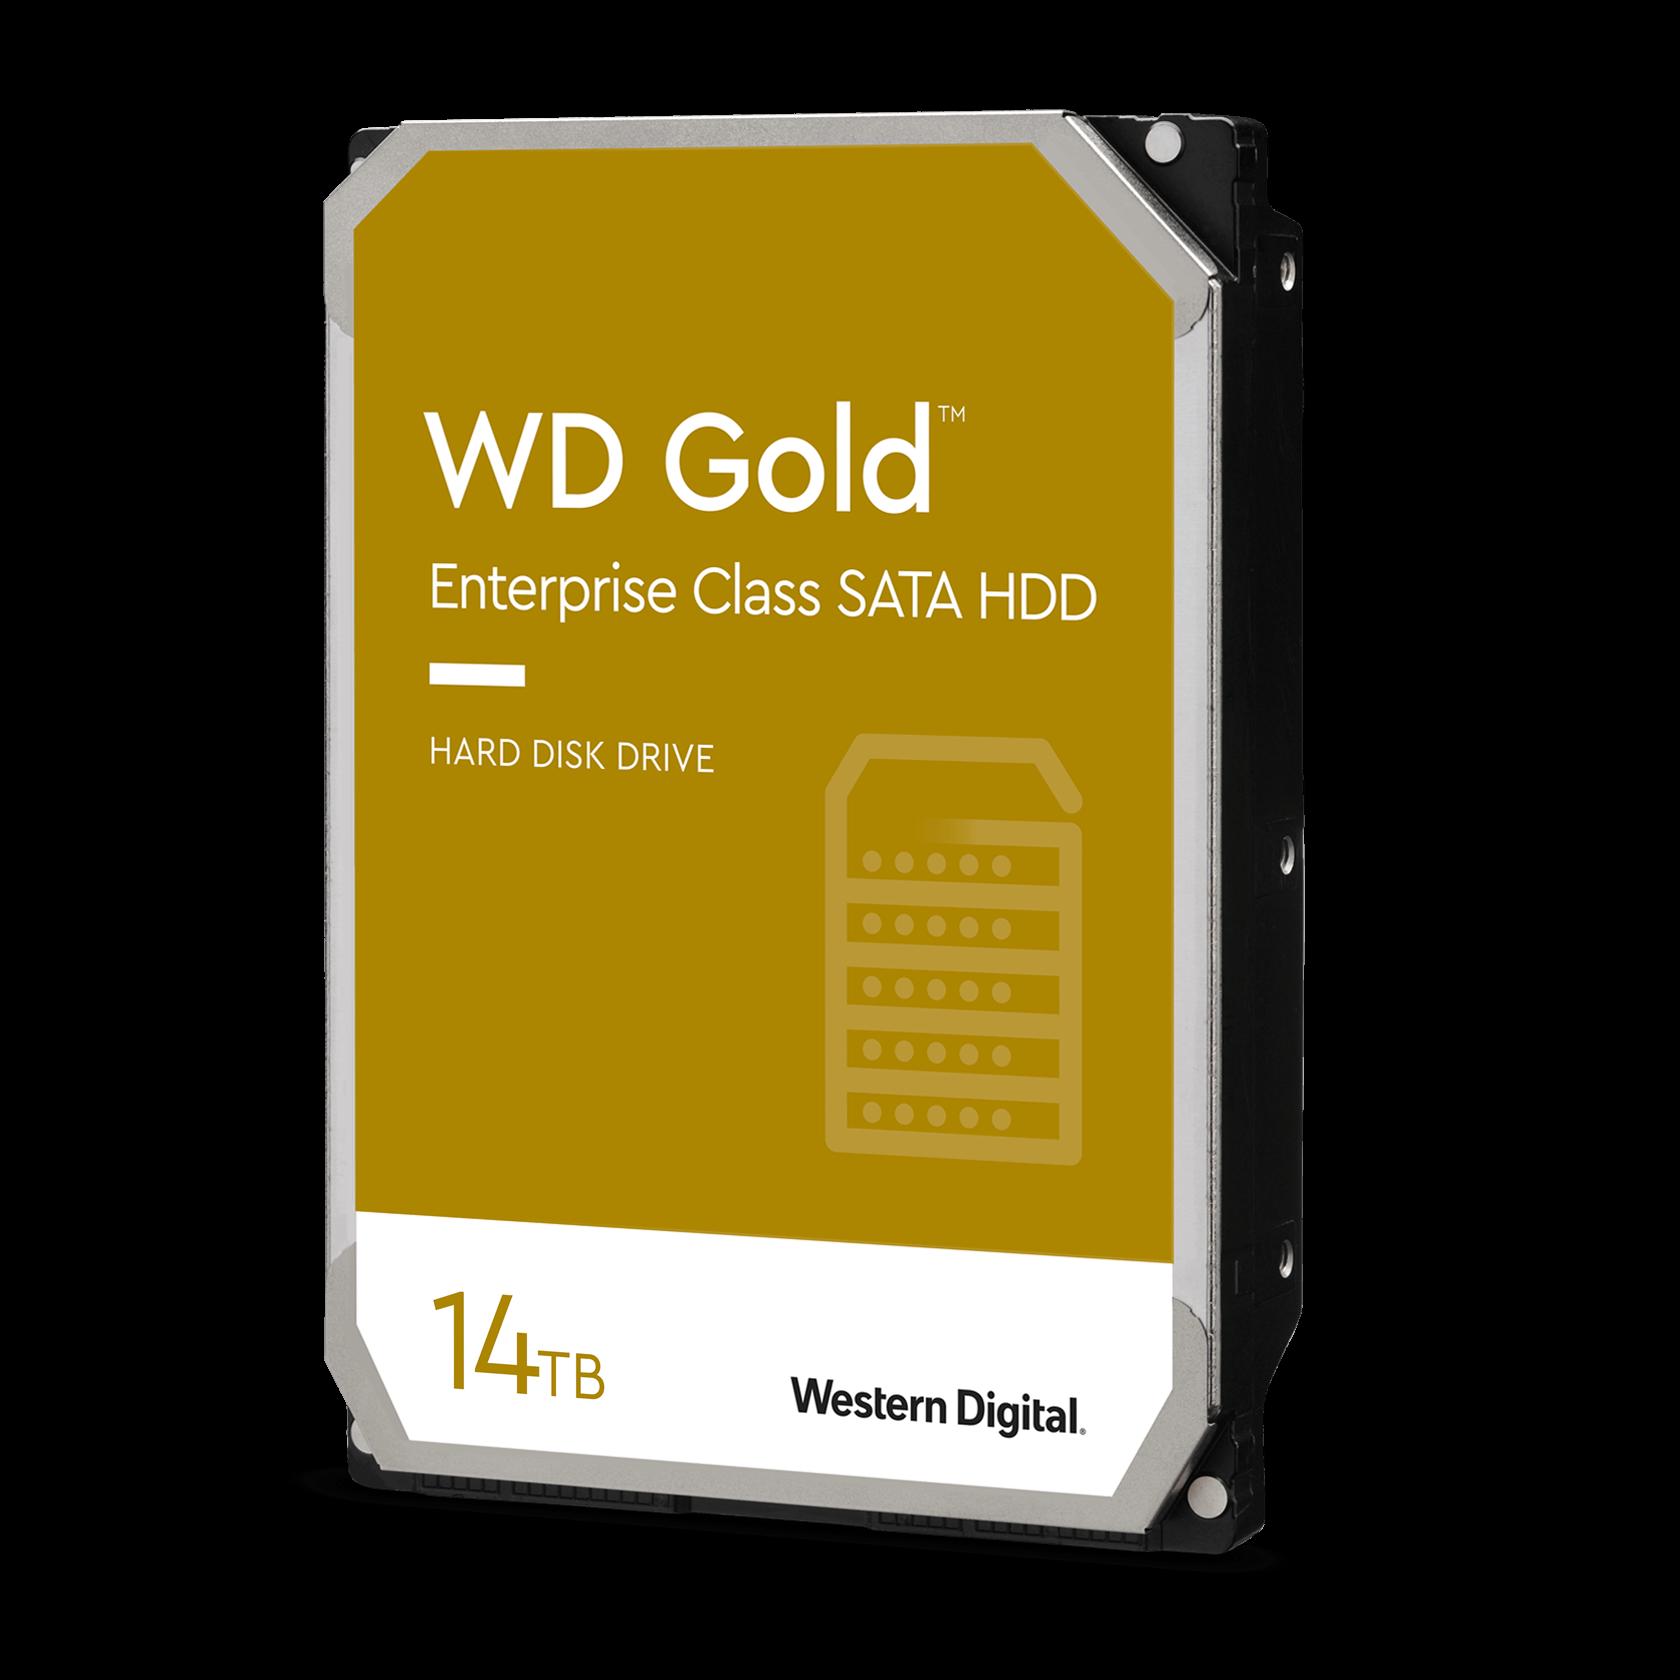 Disco Duro HDD 14 Tb Western Digital WD Gold Sata III